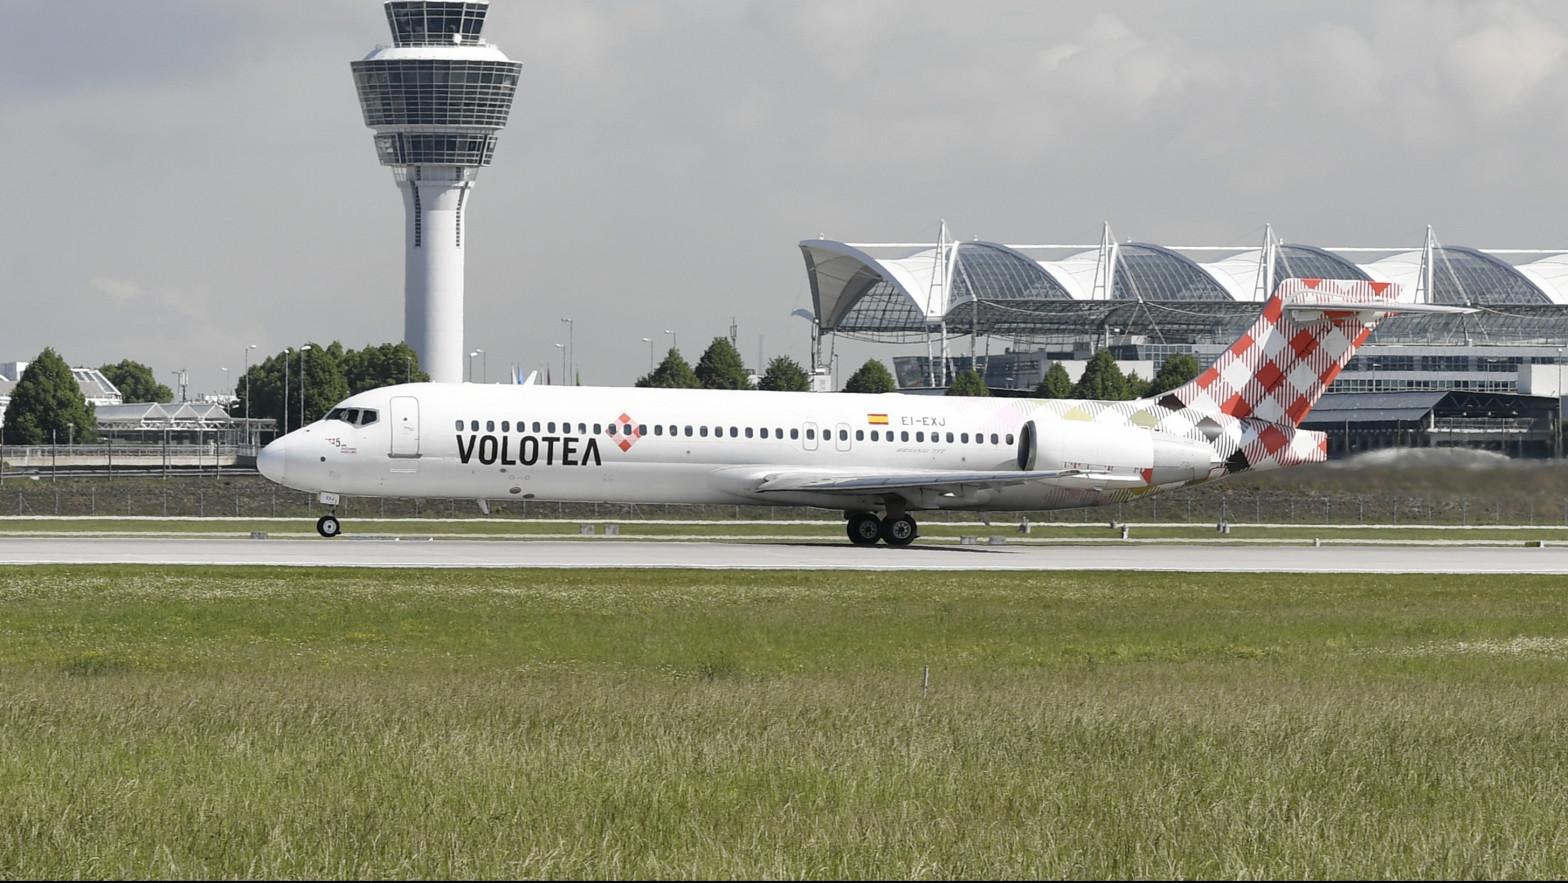 Volotea retira por completo sus Boeing 717 y evoluciona hacia una flota 100% Airbus